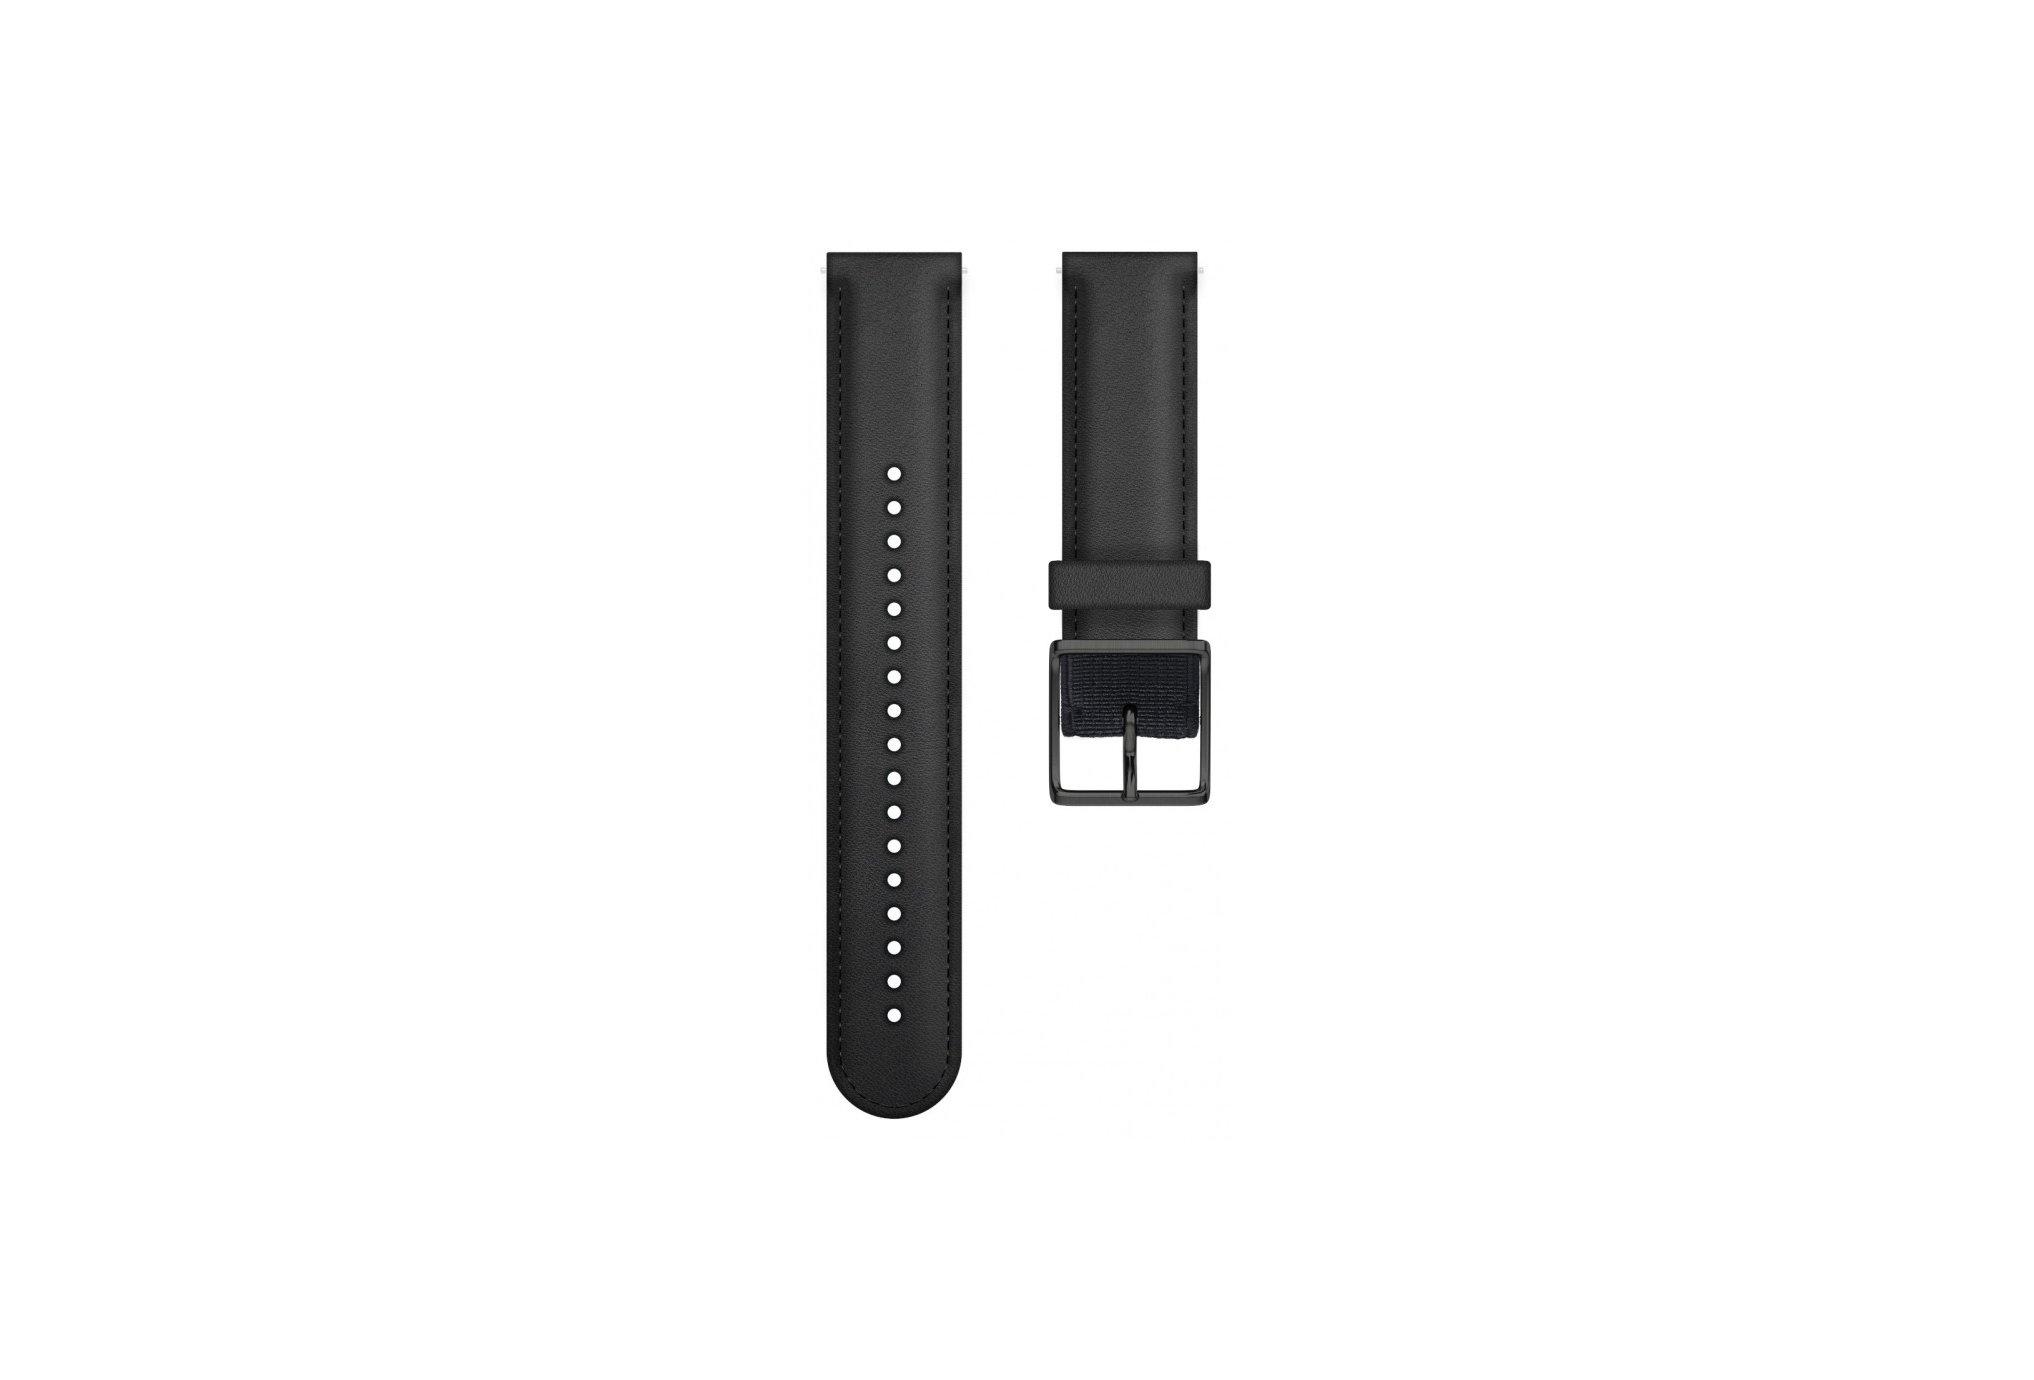 Polar Bracelet cuir Ignite -M/L Accessoires montres/ Bracelets